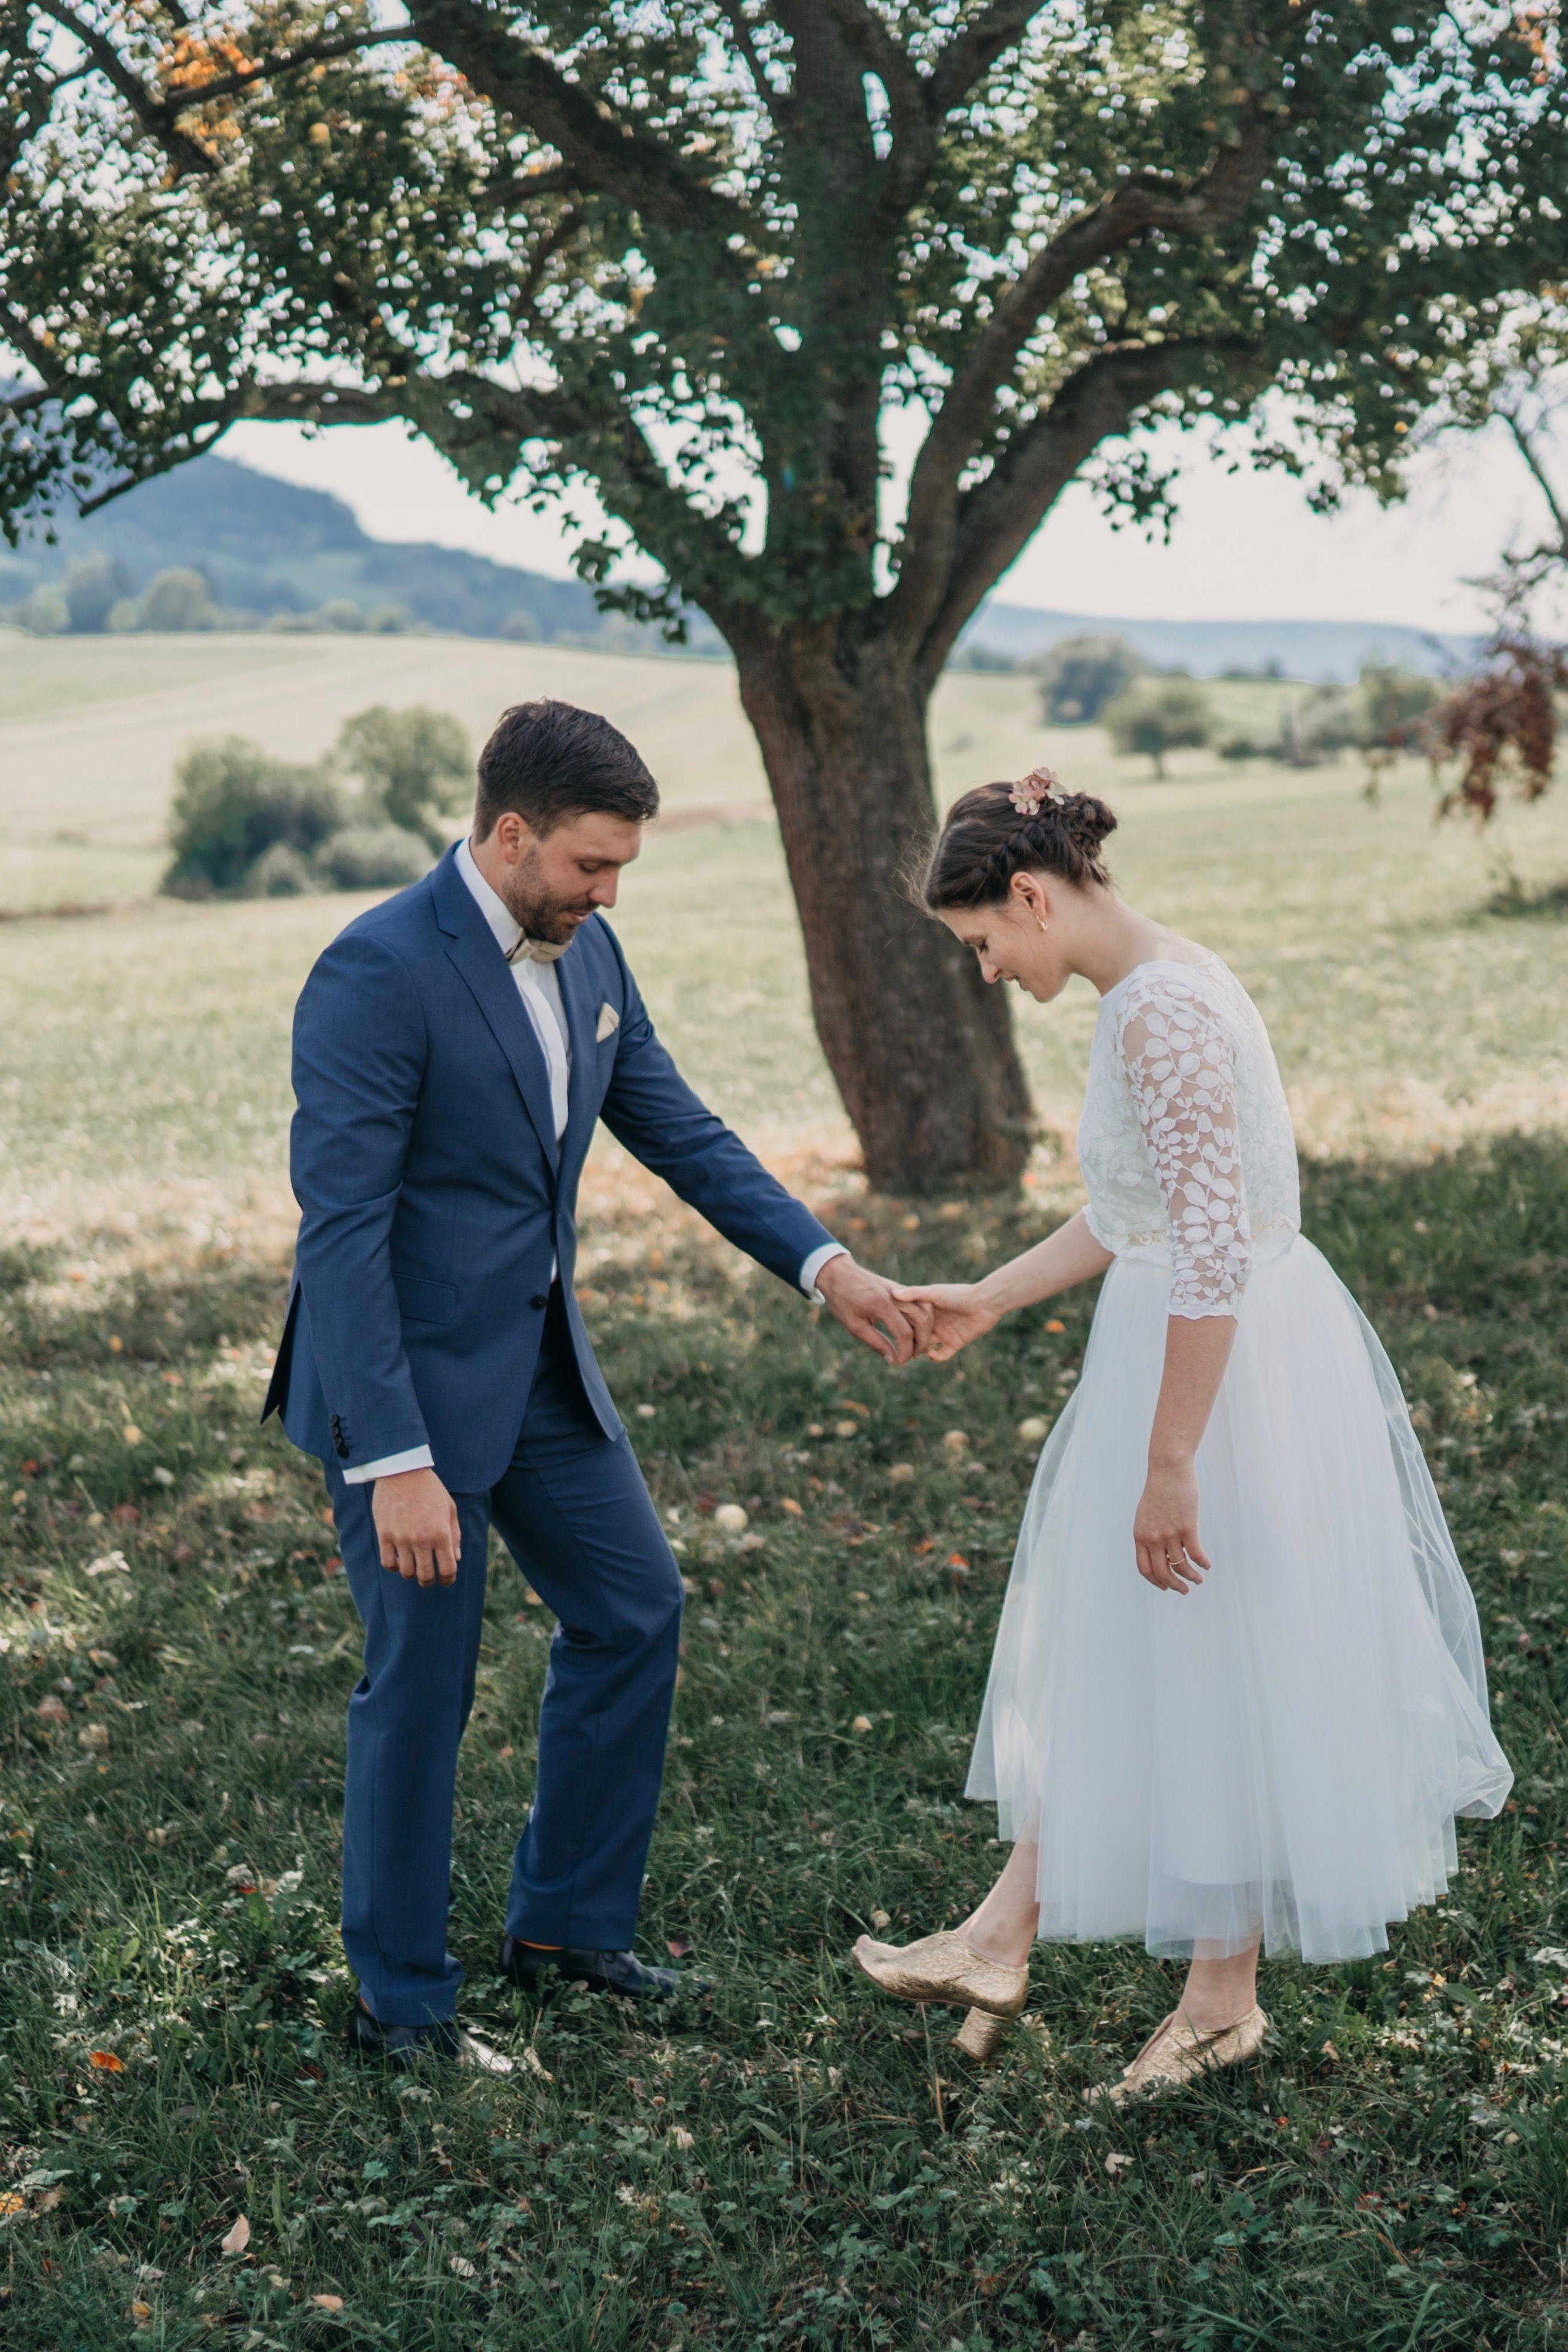 Modernes kurzes Brautkleid mit Spitzentop und Tüllrock